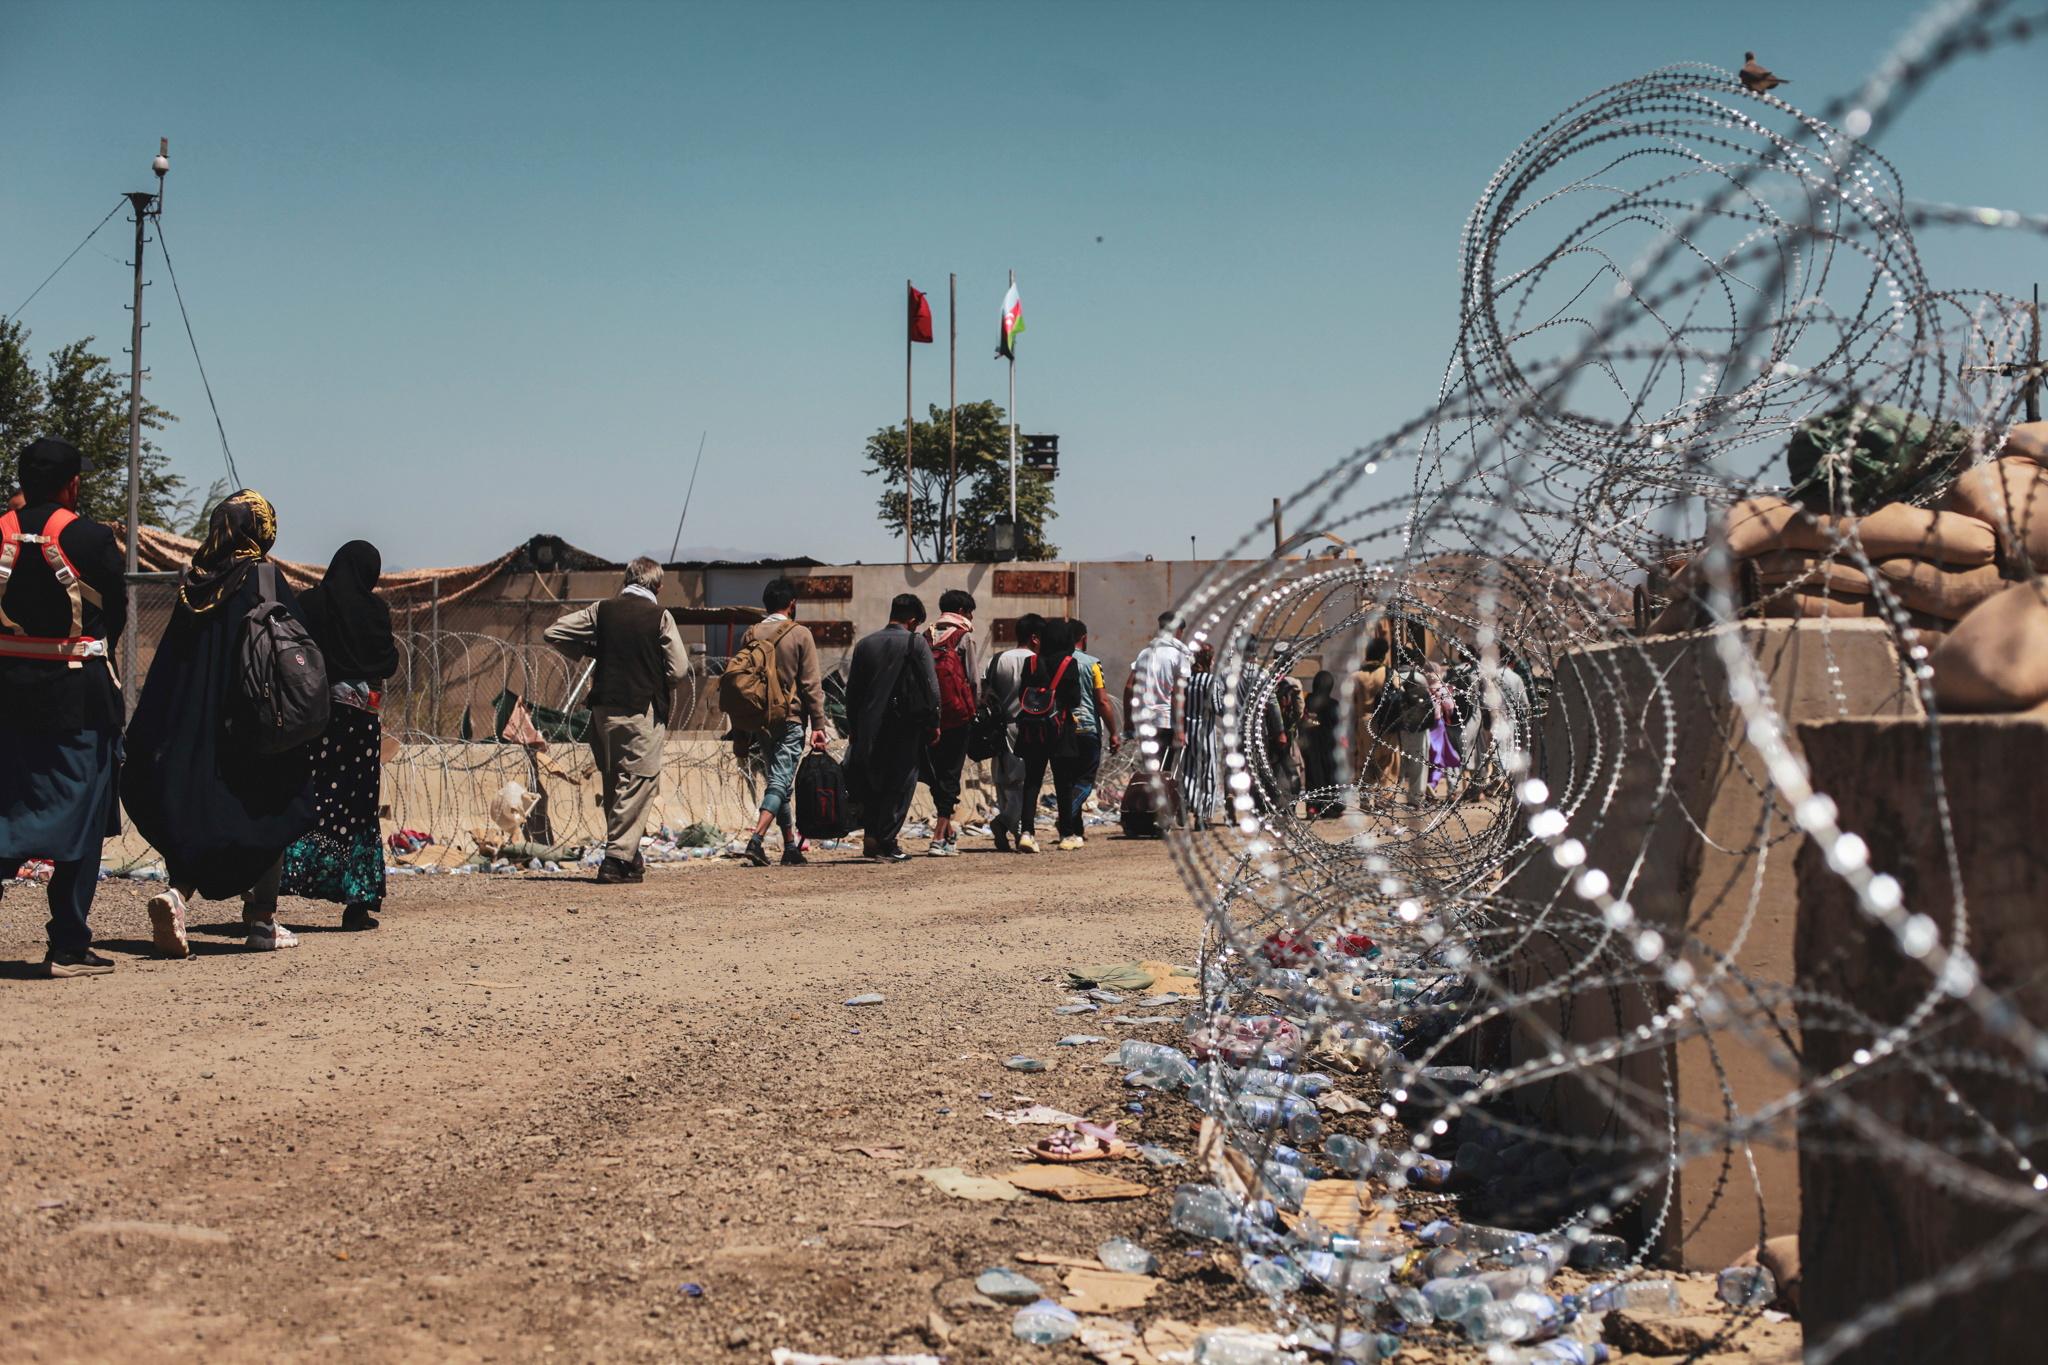 Αφγανιστάν: Οι ΗΠΑ βομβάρδισαν το Ισλαμικό Κράτος – Απομακρύνουν τους Αμερικανούς από το αεροδρόμιο της Καμπούλ